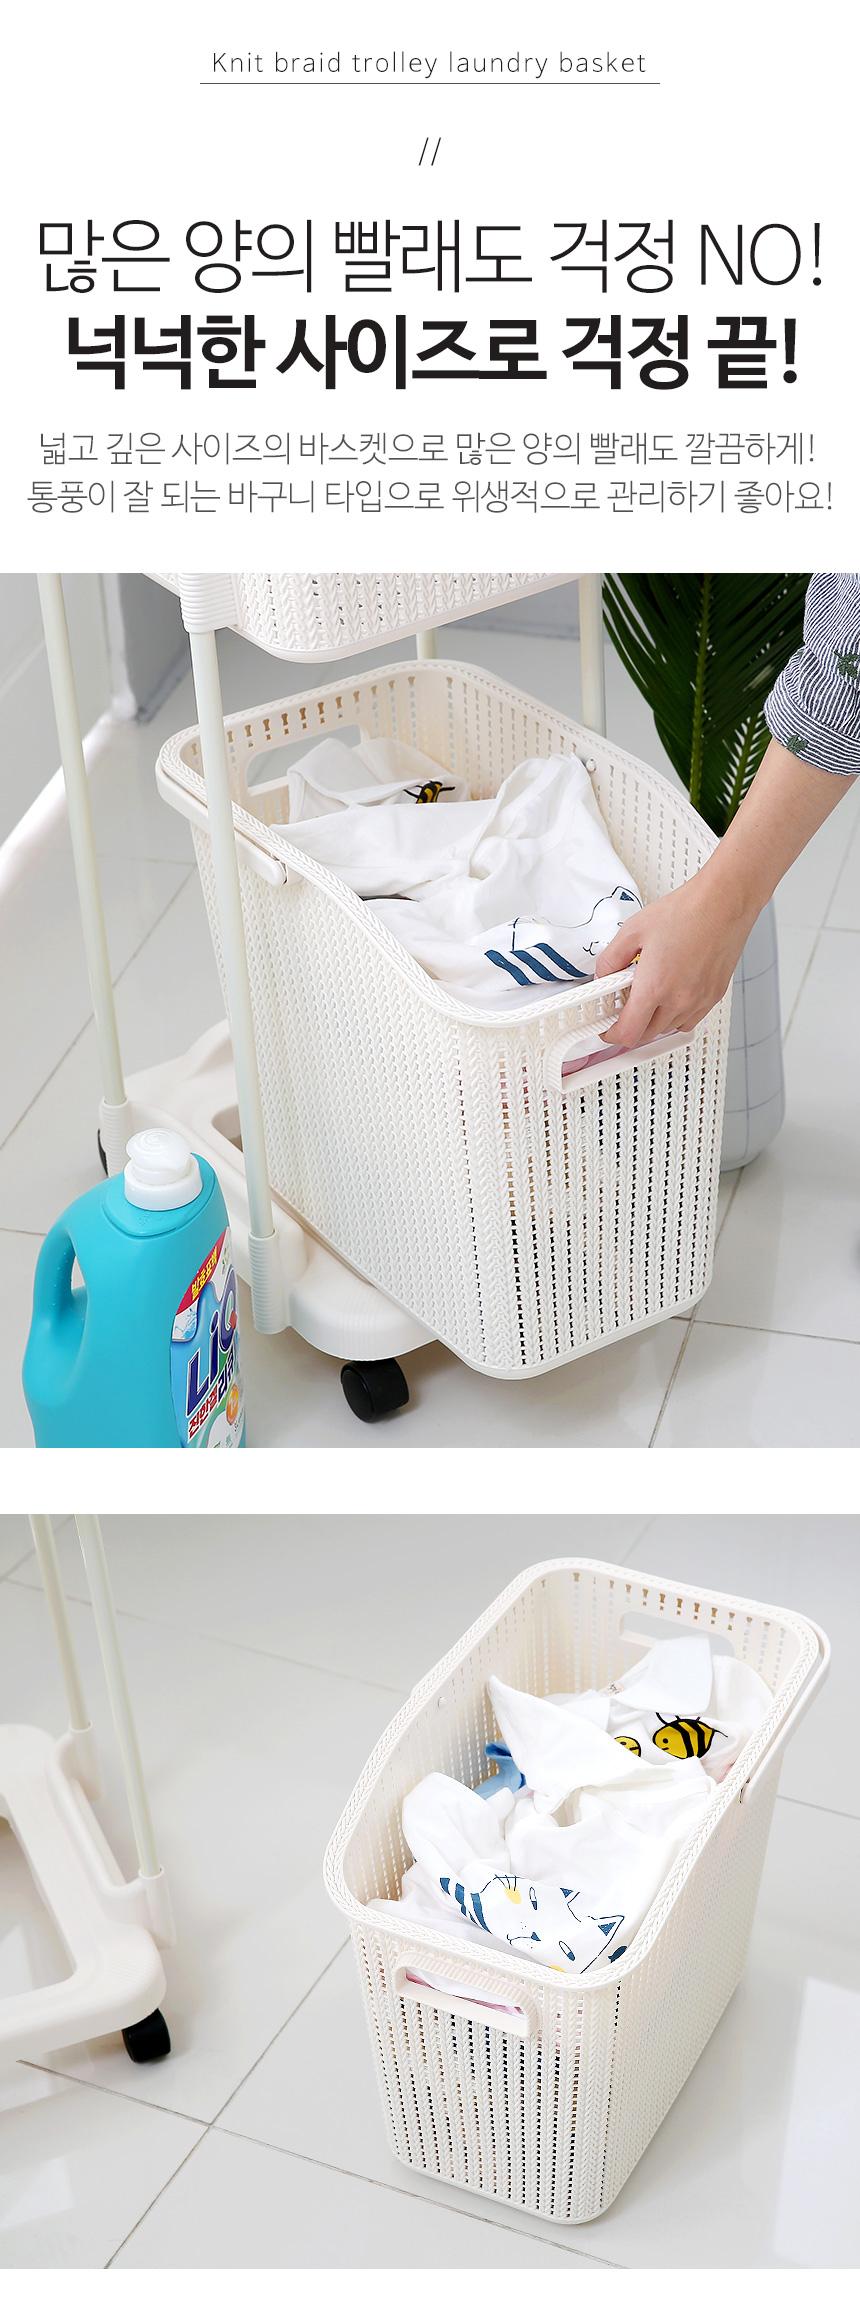 니트 짜임 3단 트롤리 빨래바구니 - 더홈, 29,900원, 세탁용품, 빨래바구니